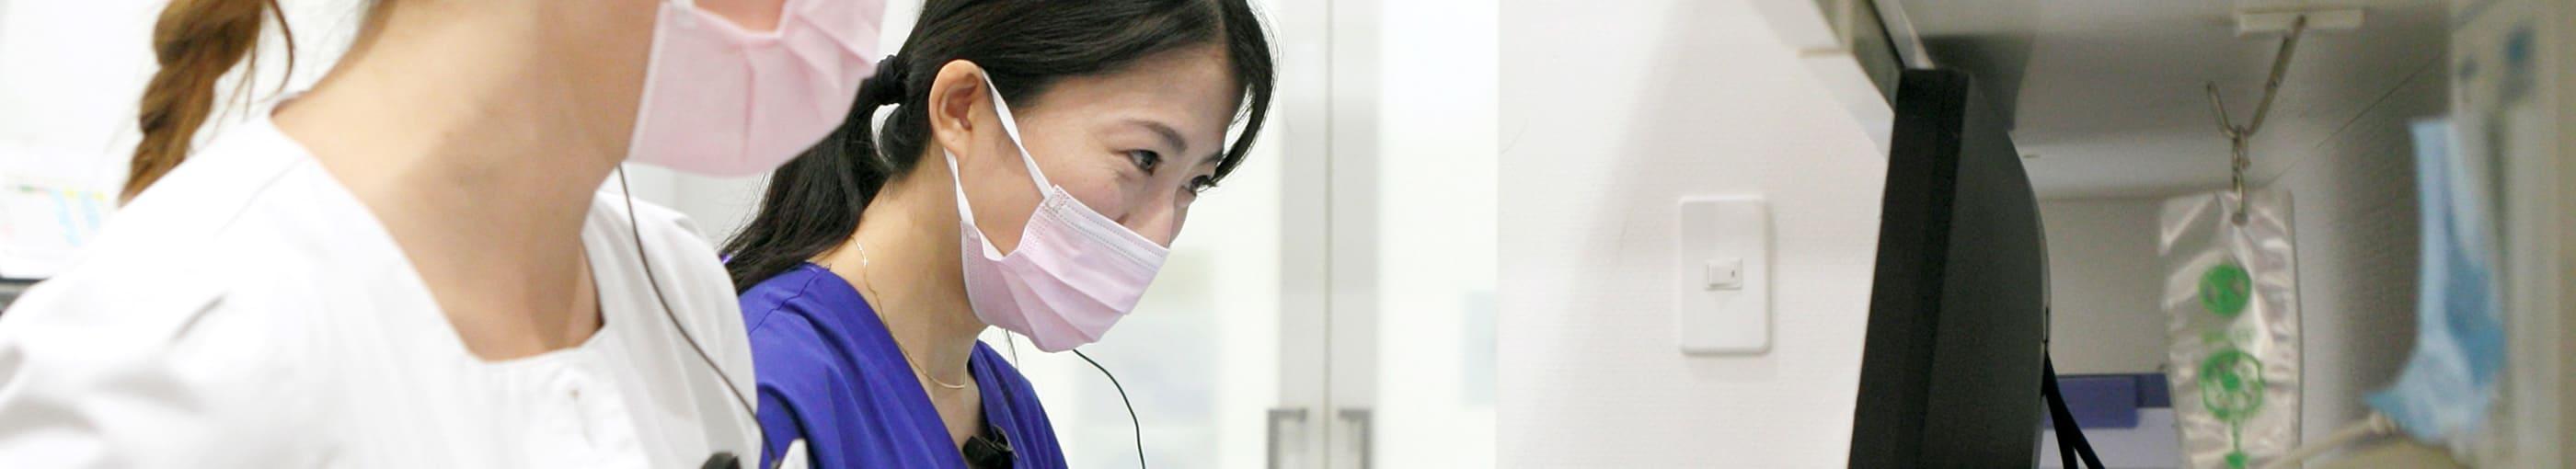 医療法人天白会 キャナルコート歯科クリニック チーム医療